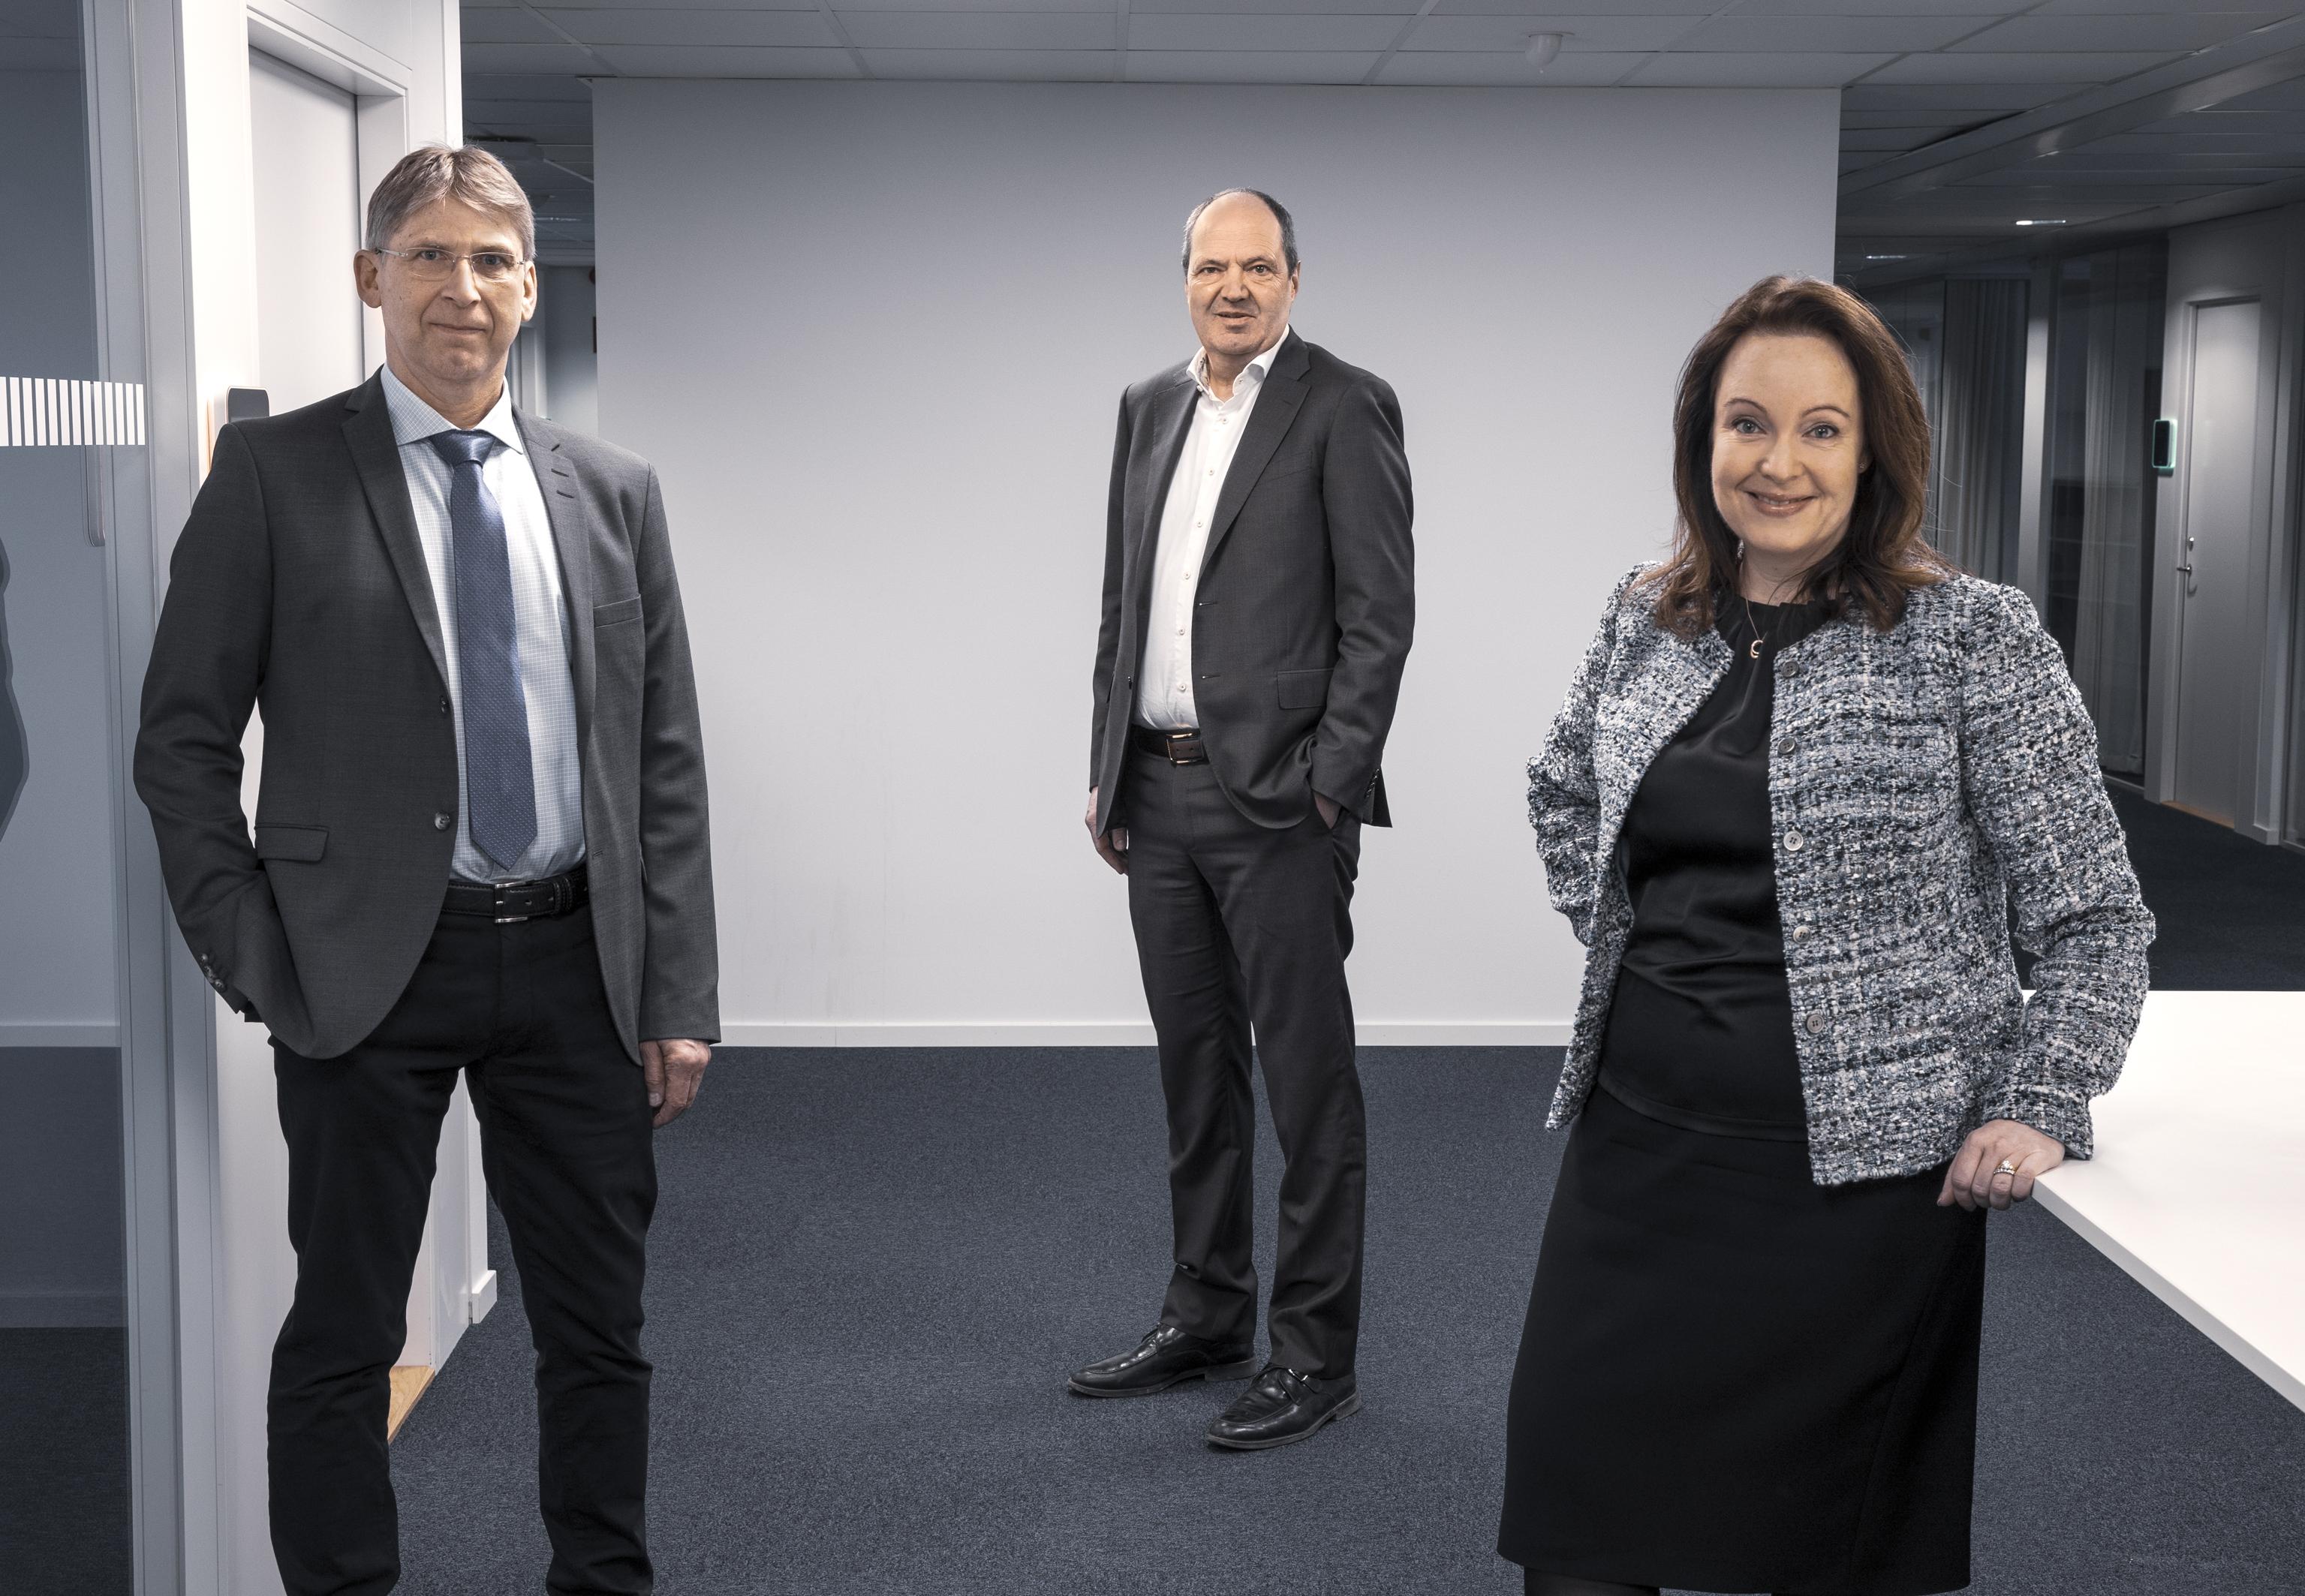 Jan Moström, vd och koncernchef LKAB, Martin Lindqvist, vd och koncernchef SSAB och Anna Borg, vd och koncernchef Vattenfall